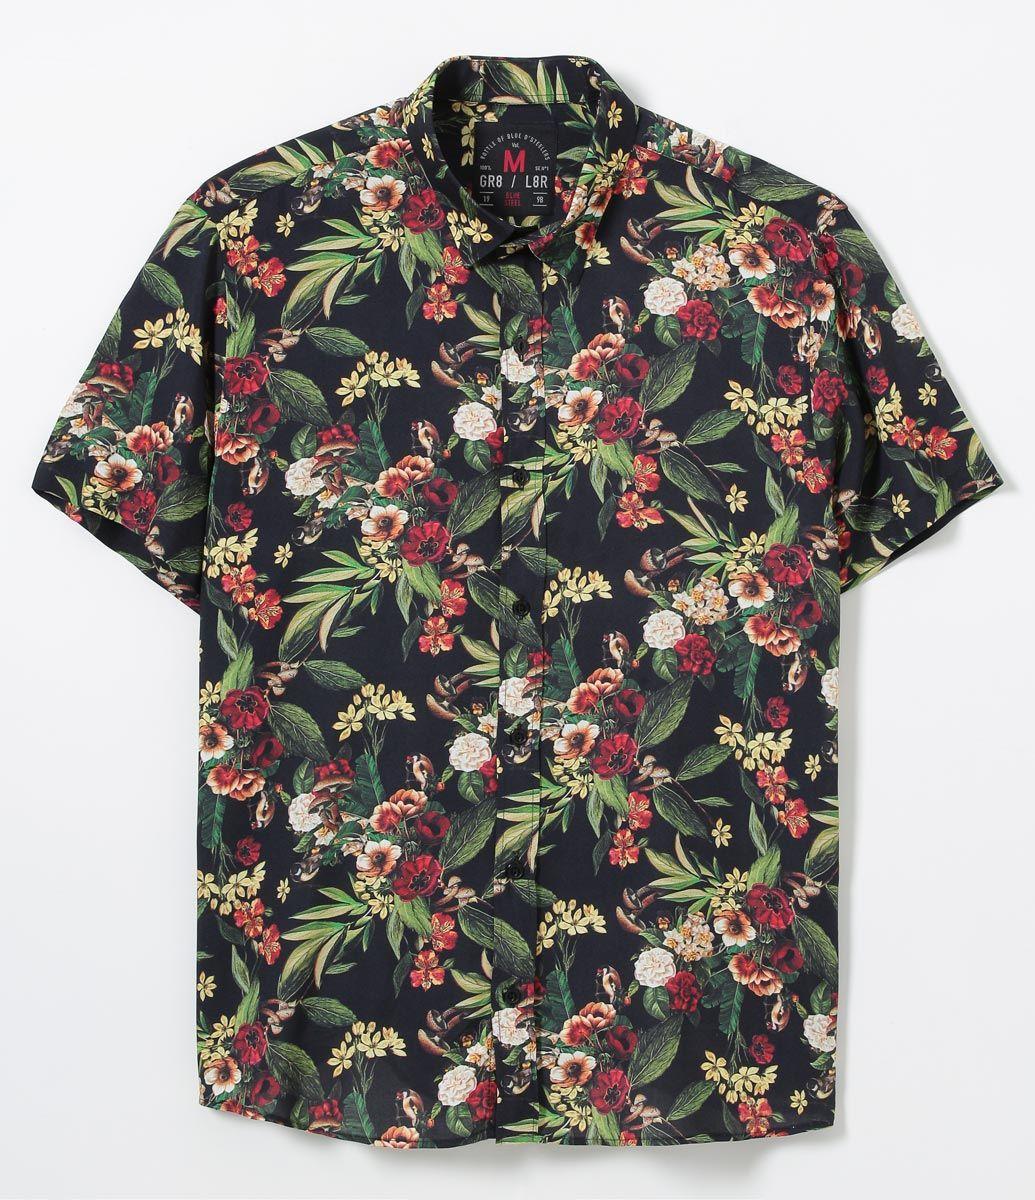 Camisa masculina Manga curta Floral Marca  Blue Steel Tecido  viscose  Composição  100% viscose Modelo veste tamanho  M COLEÇÃO VERÃO 2017 Veja  outras opções ... 4c0aa84bad8